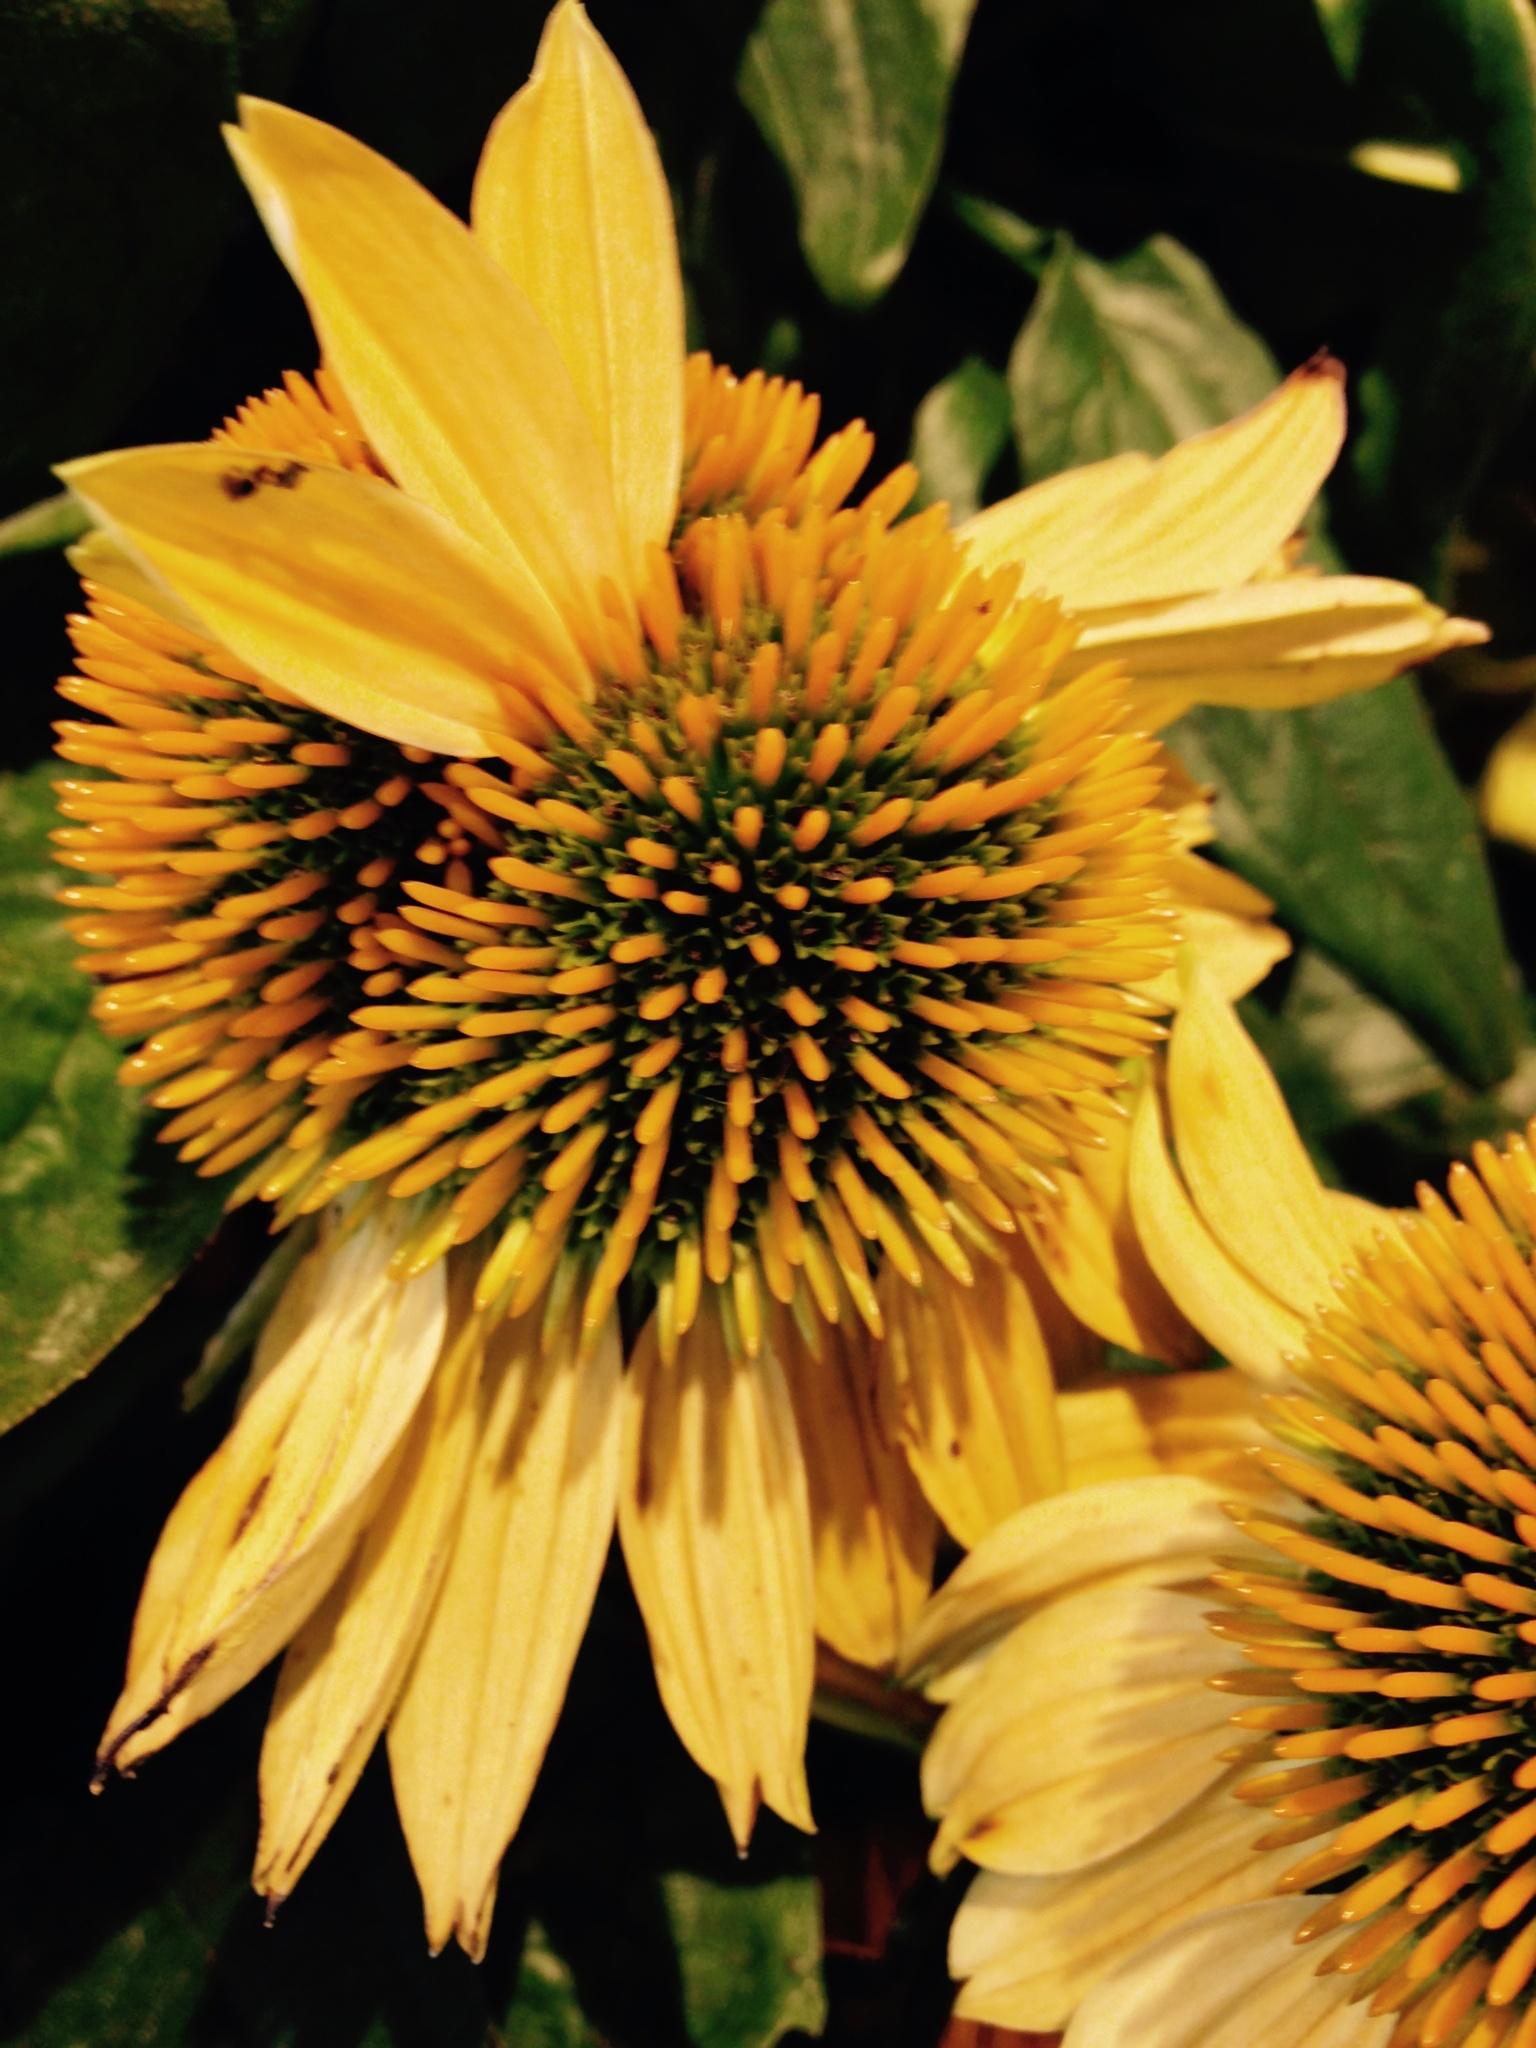 Flower by gabrielehelenebittner